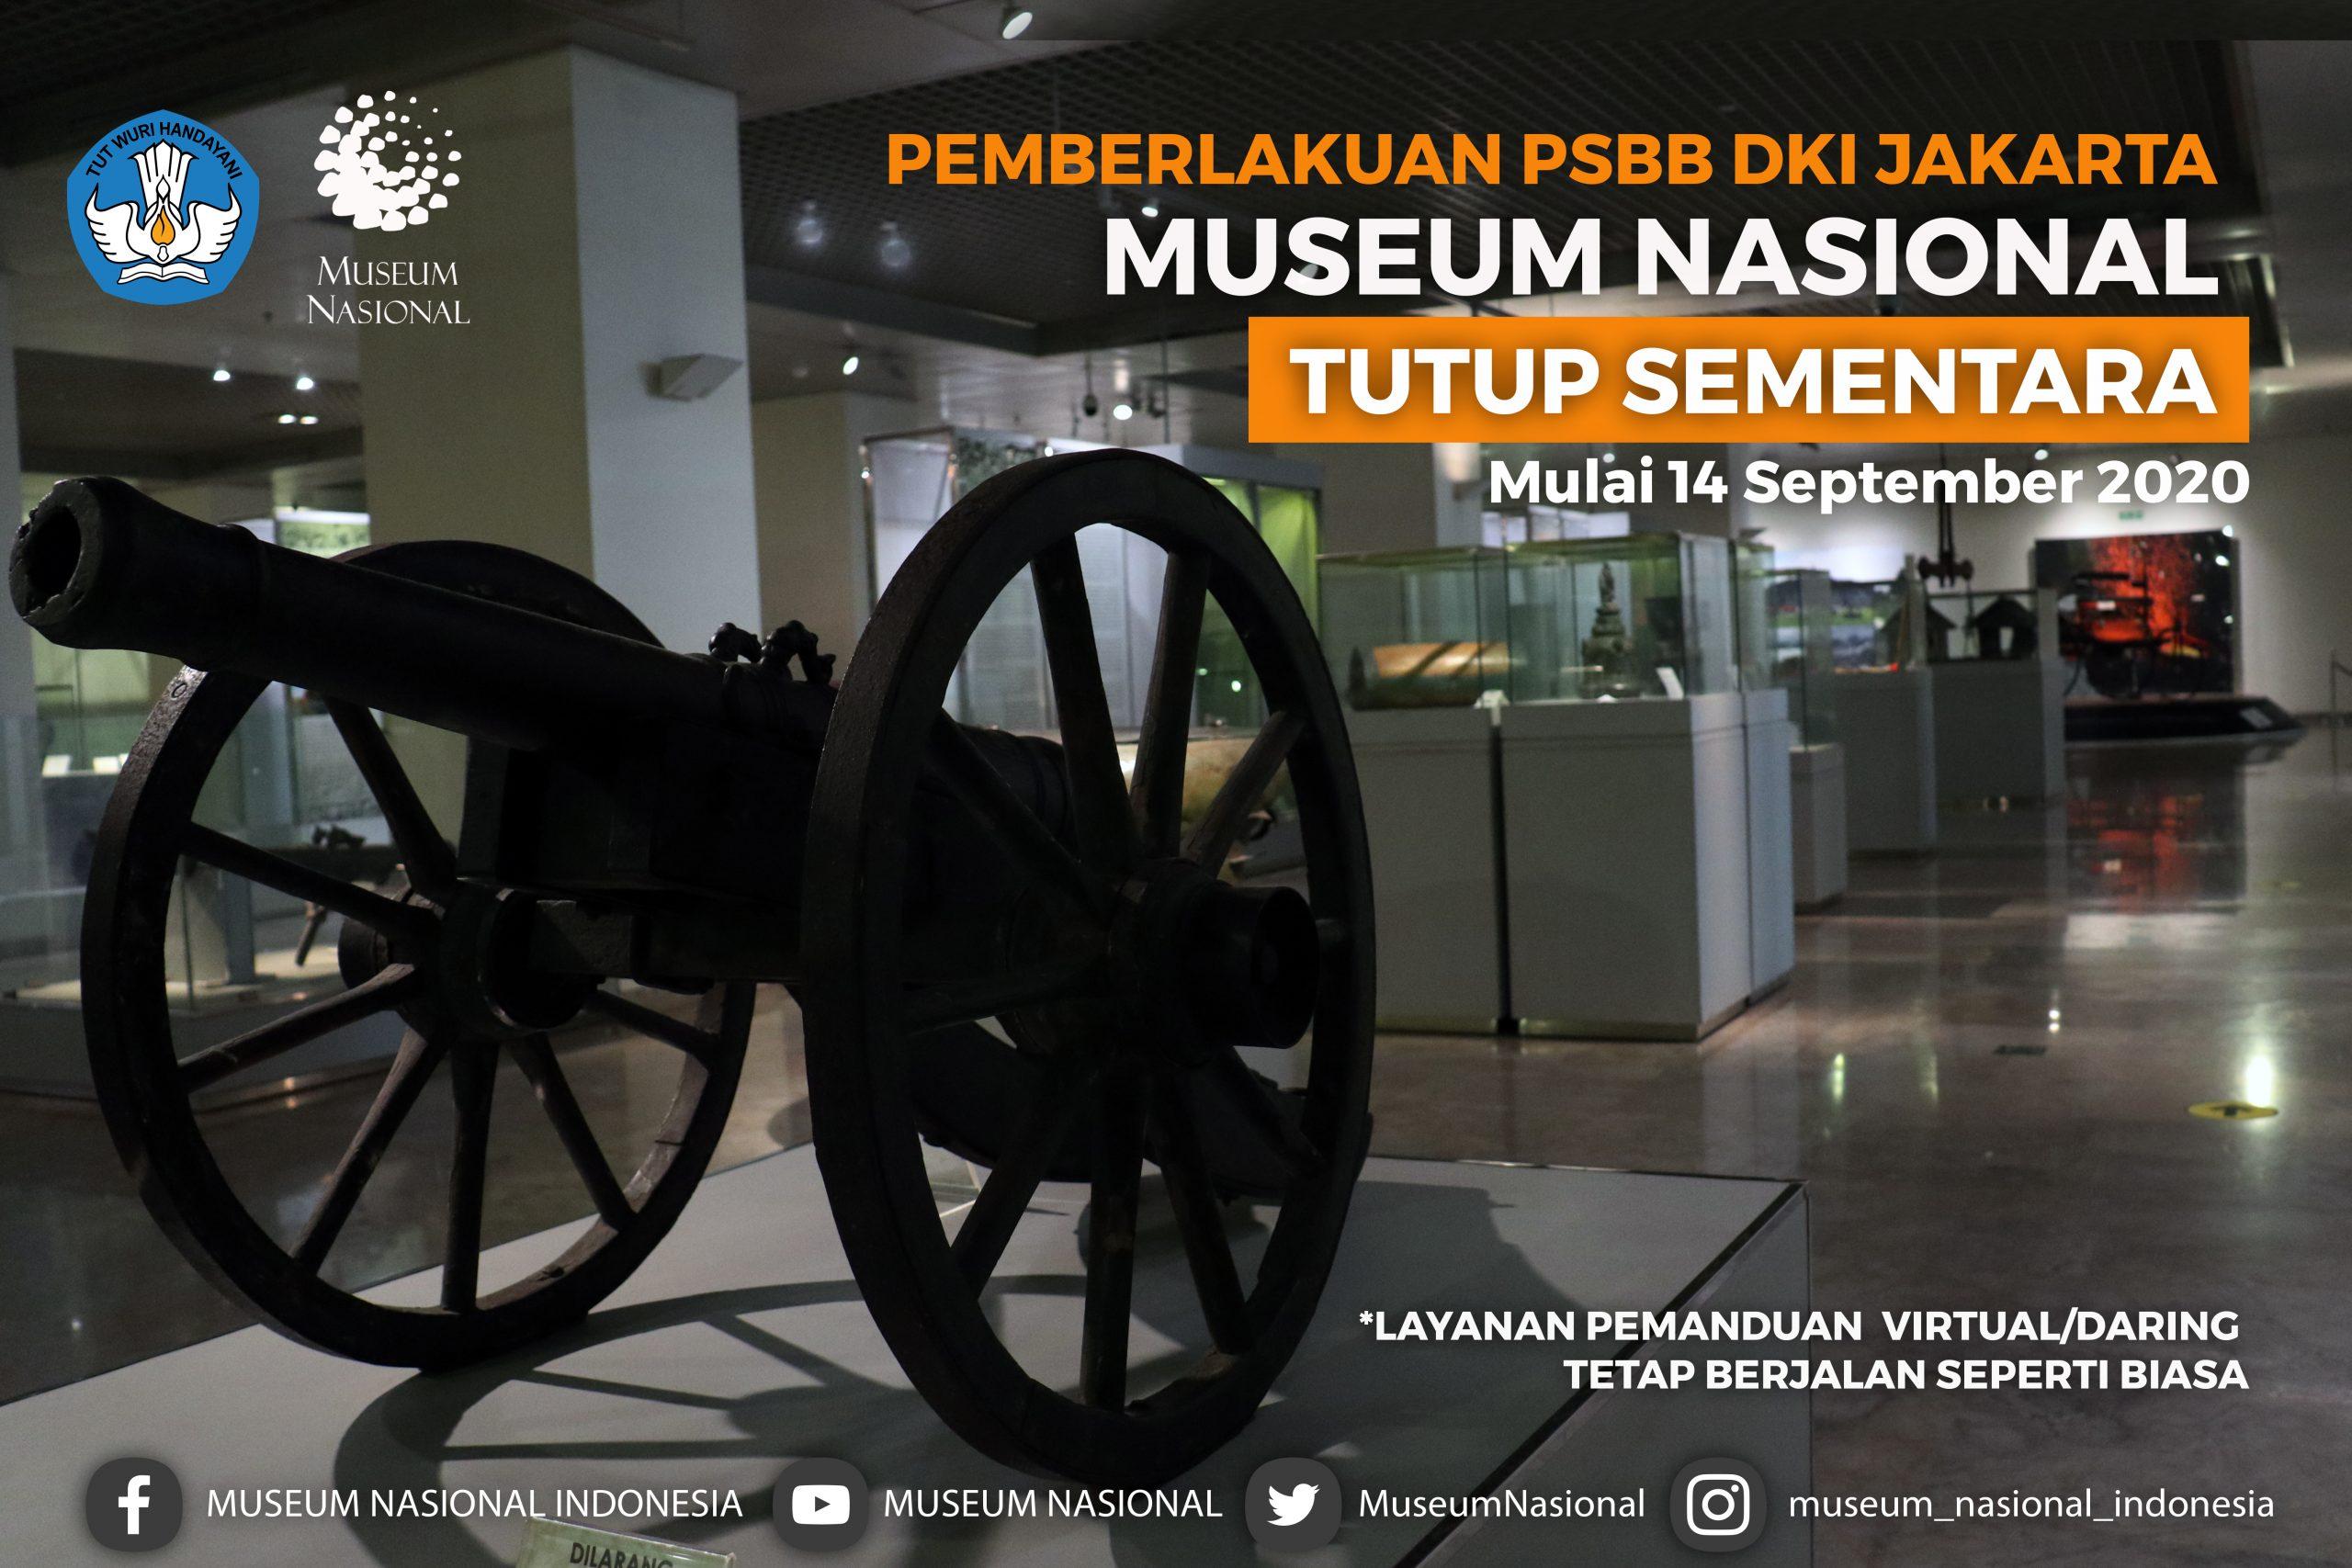 Psbb Dki Jakarta Museum Nasional Kembali Di Tutup Museum Nasional Indonesia